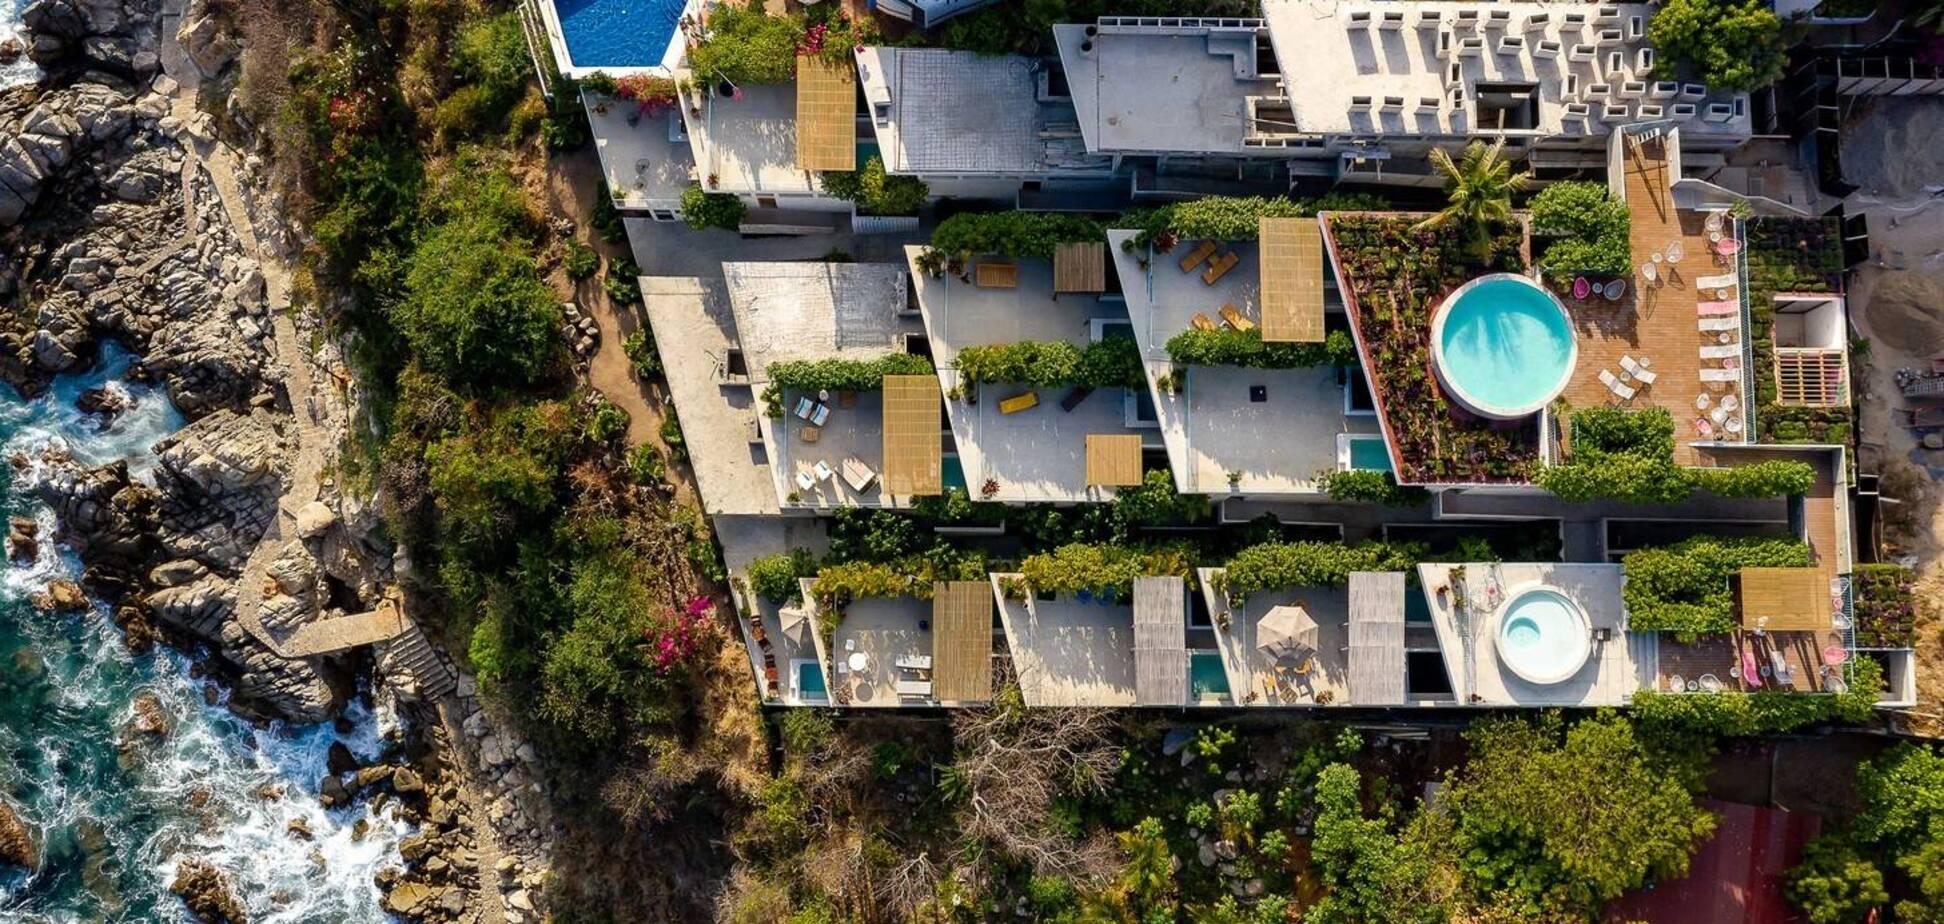 Квартиры с элементами коттеджа: в Мексике построили необычные сейсмостойкие жилые дома. Фото